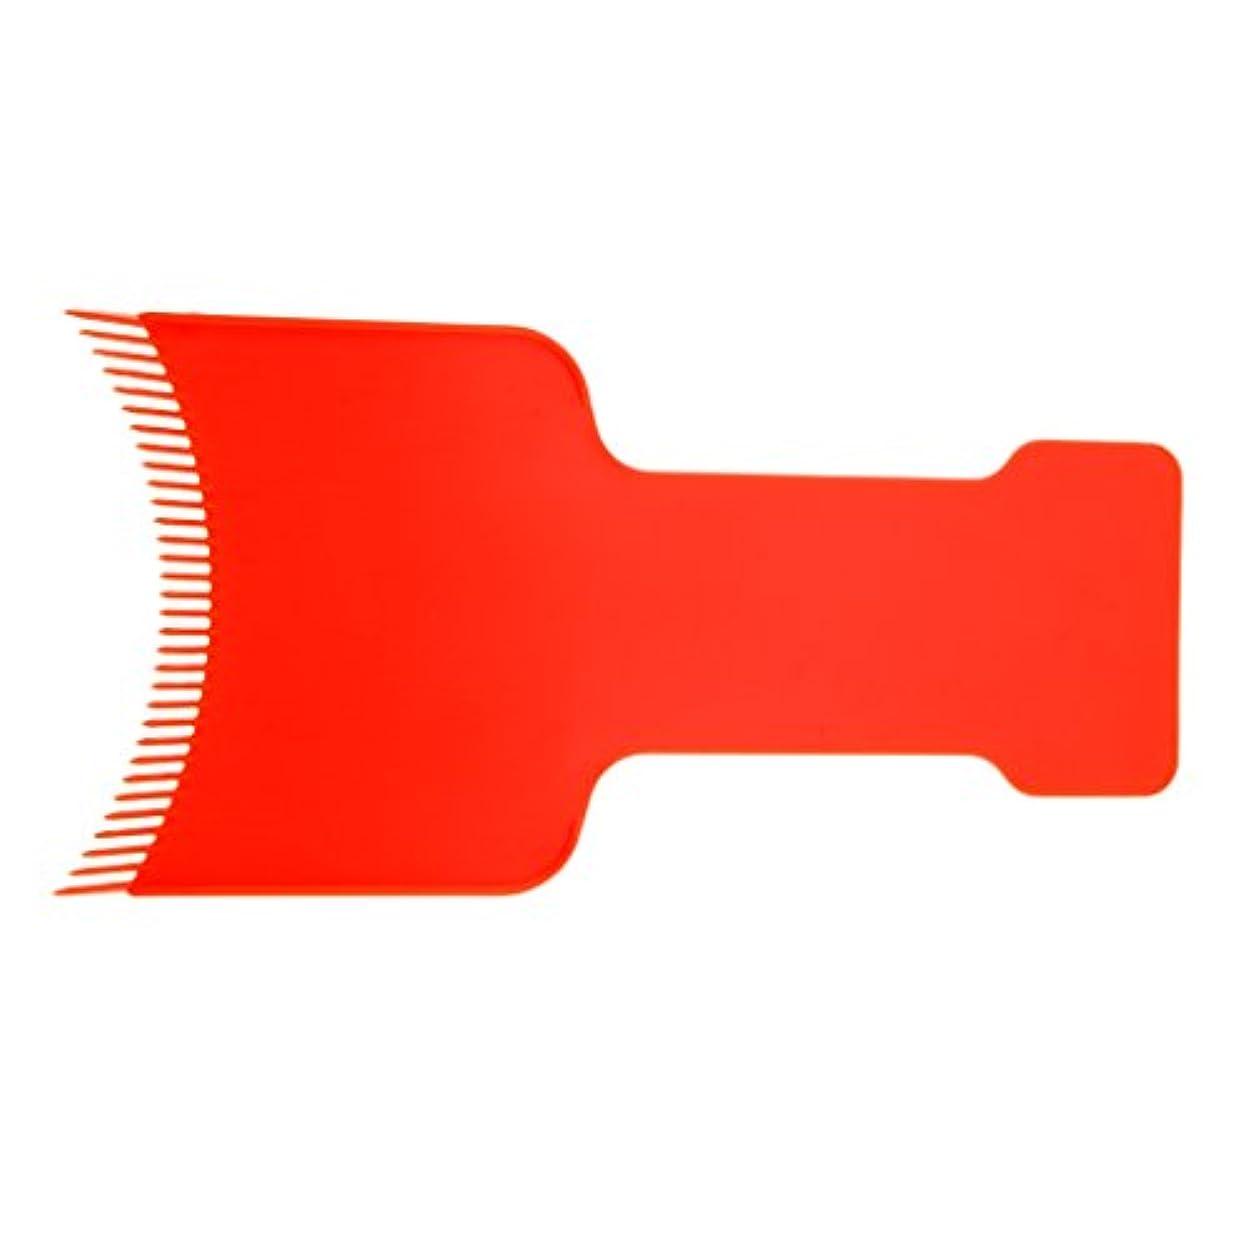 キャンペーン銃酒Toygogo サロンヘアカラーボード|染毛剤プレート|理髪理髪ヘアカラーボード19x9.5 Cm